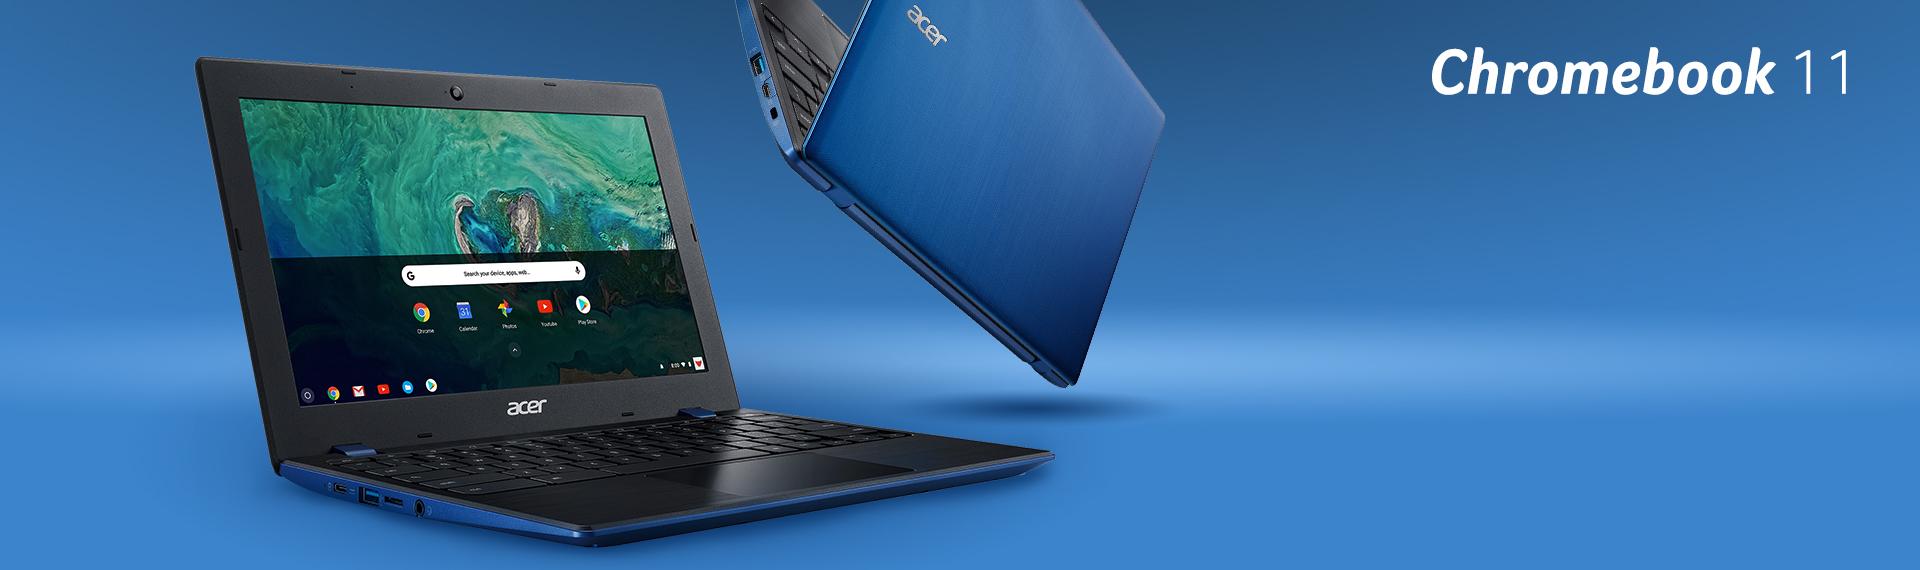 Penuhi Kebutuhan Kerja dan Hiburan dengan The New Chromebook 11